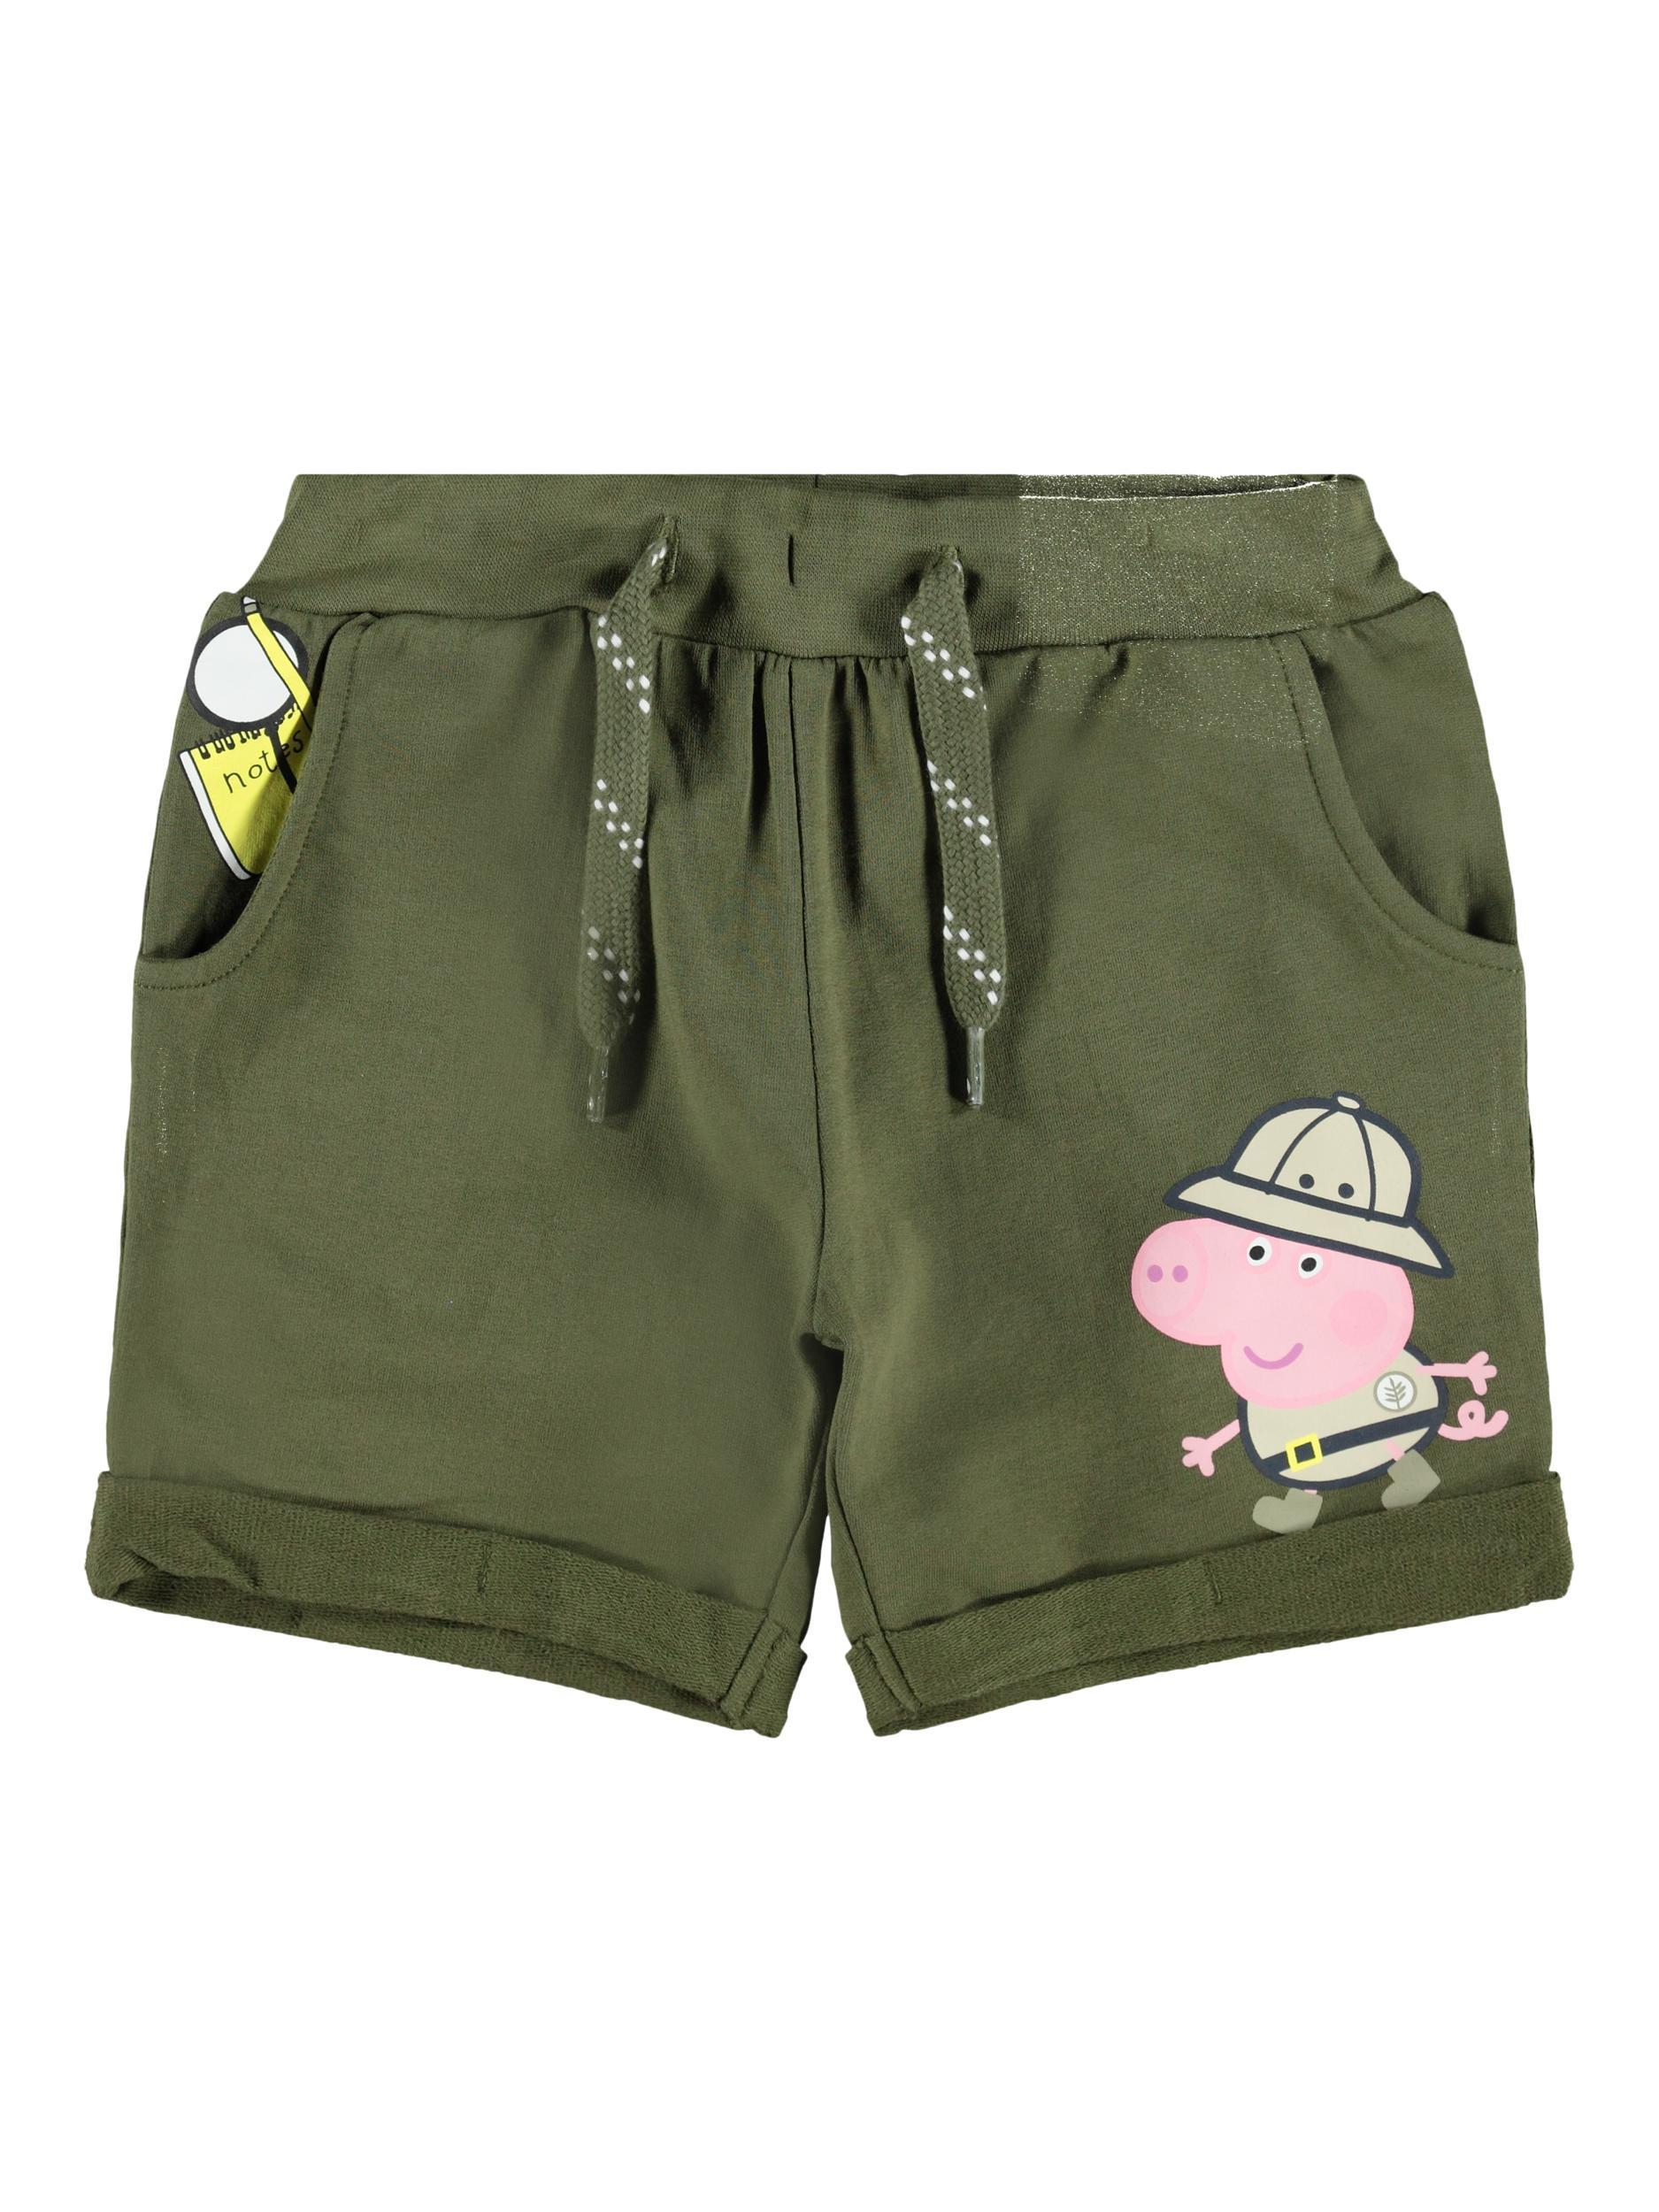 Name It Gurli Gris Bertel sweat shorts, ivy green, 98